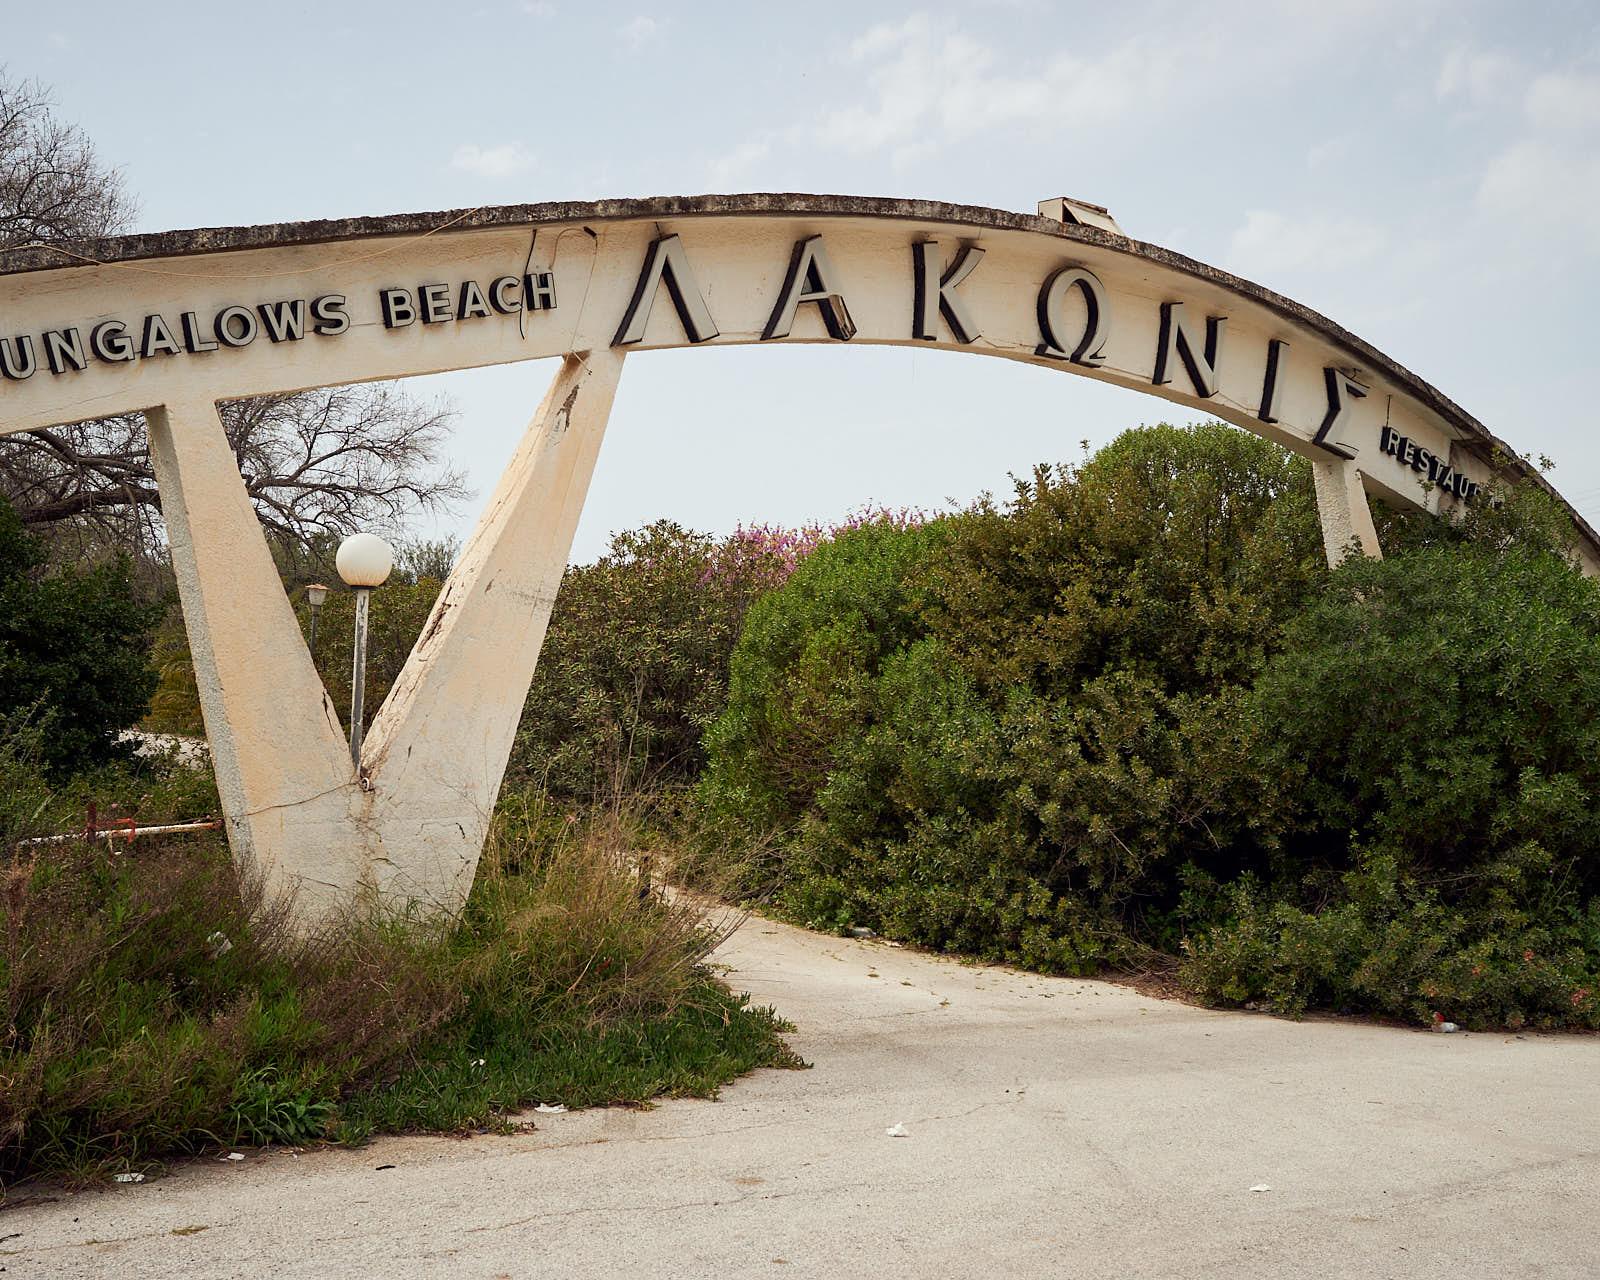 From the series Lakonis by Gerasimos Koilakos